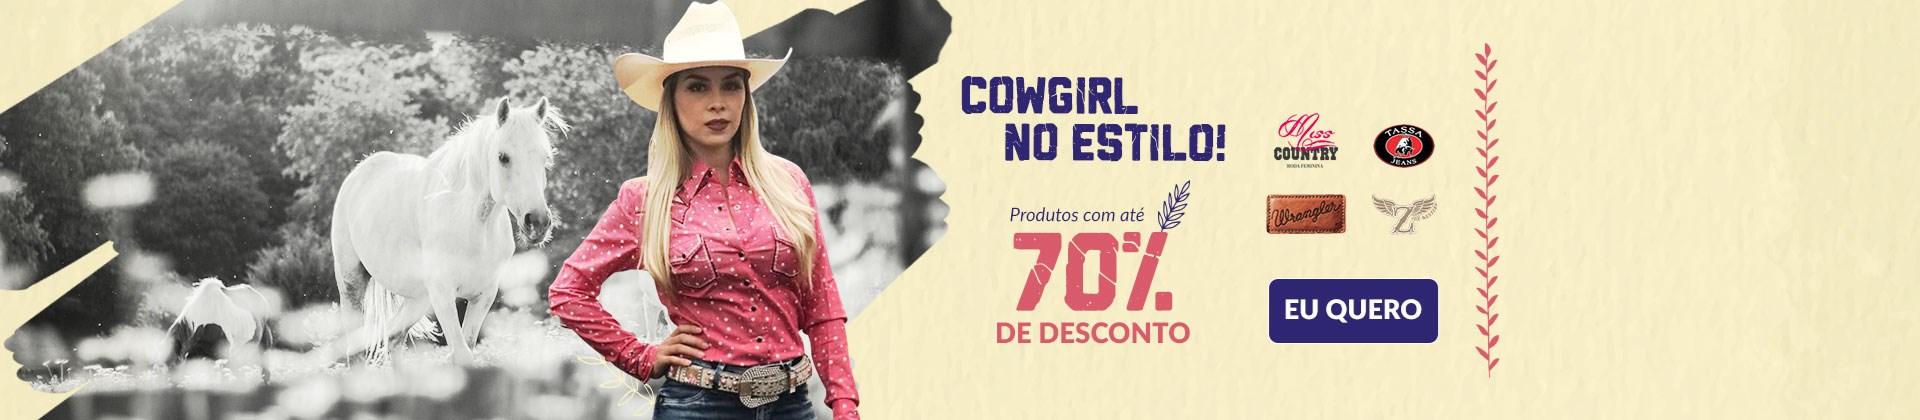 Banner Destaque Cowgirl no estilo -